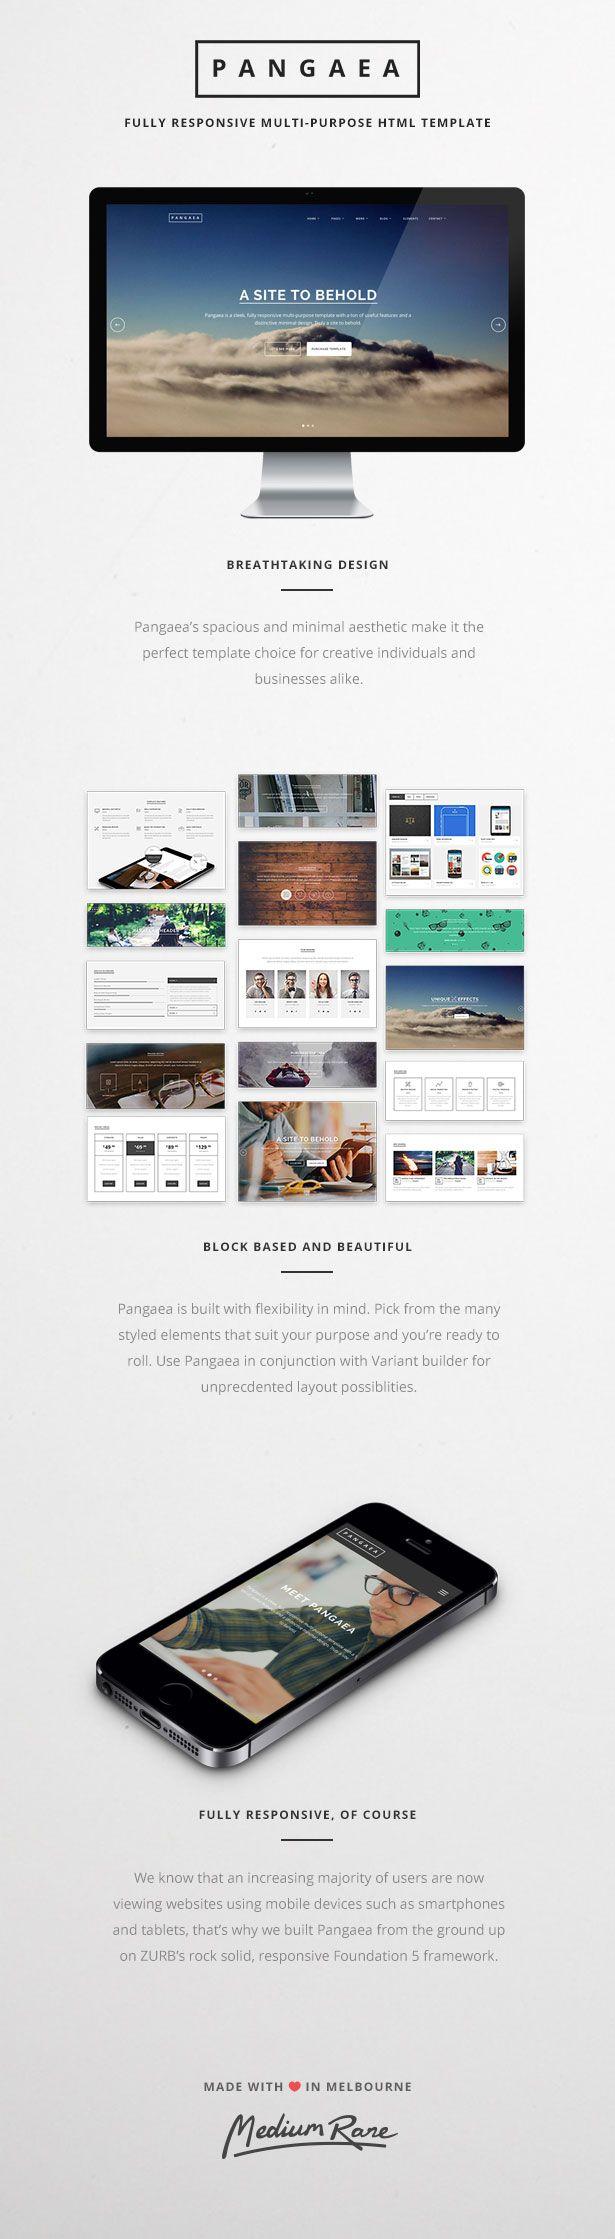 Pangaea Template HTML5